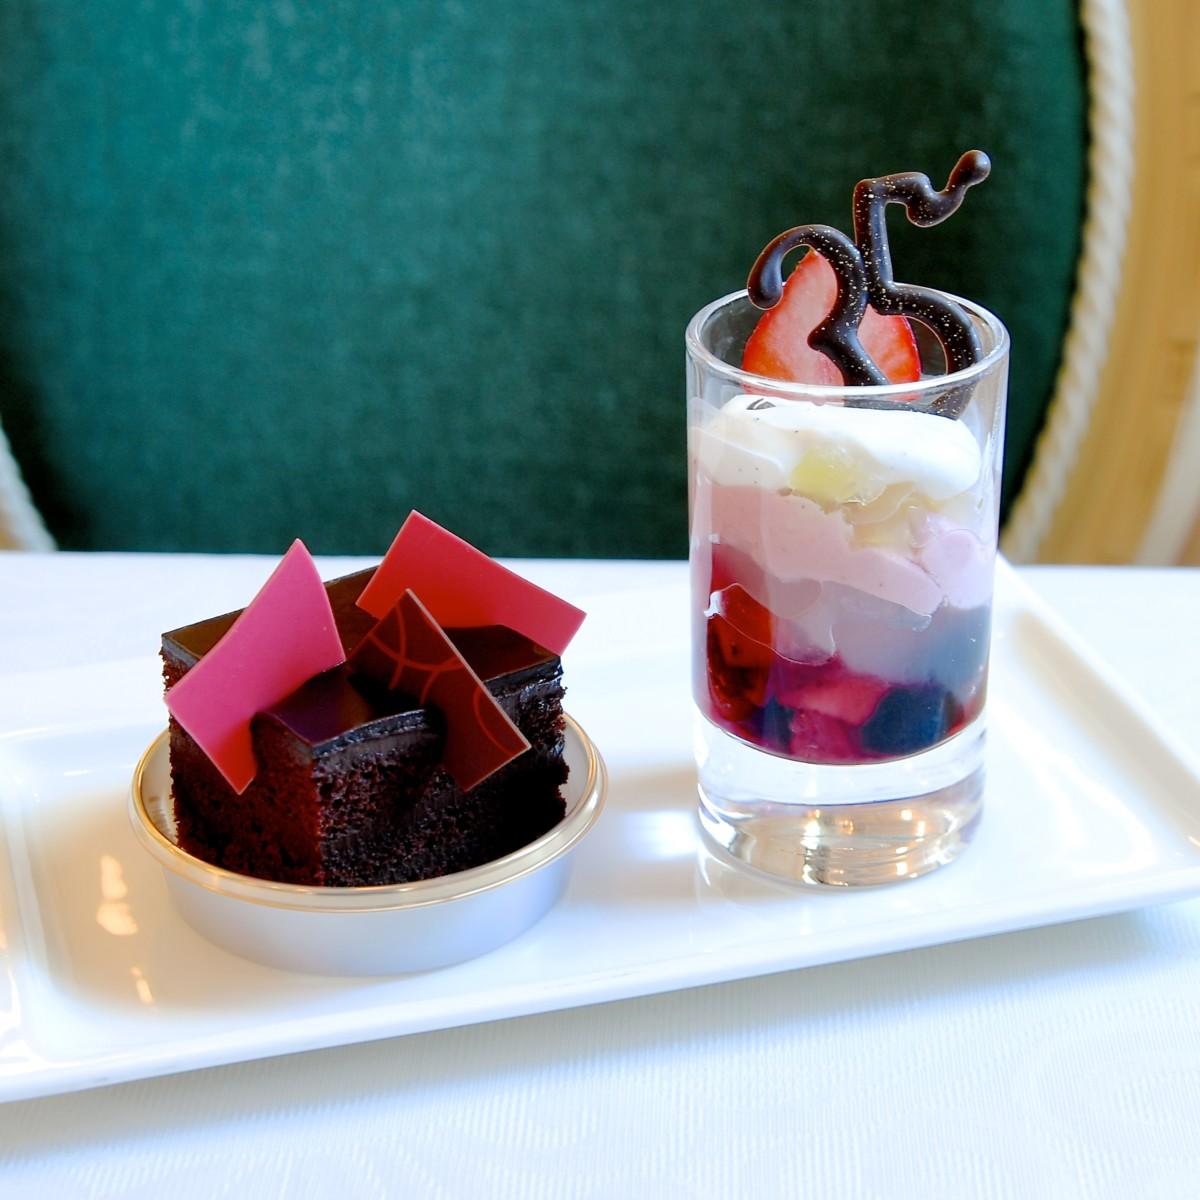 ライチージュレとミックスフルーツのグラスデザートとチョコレートケーキ